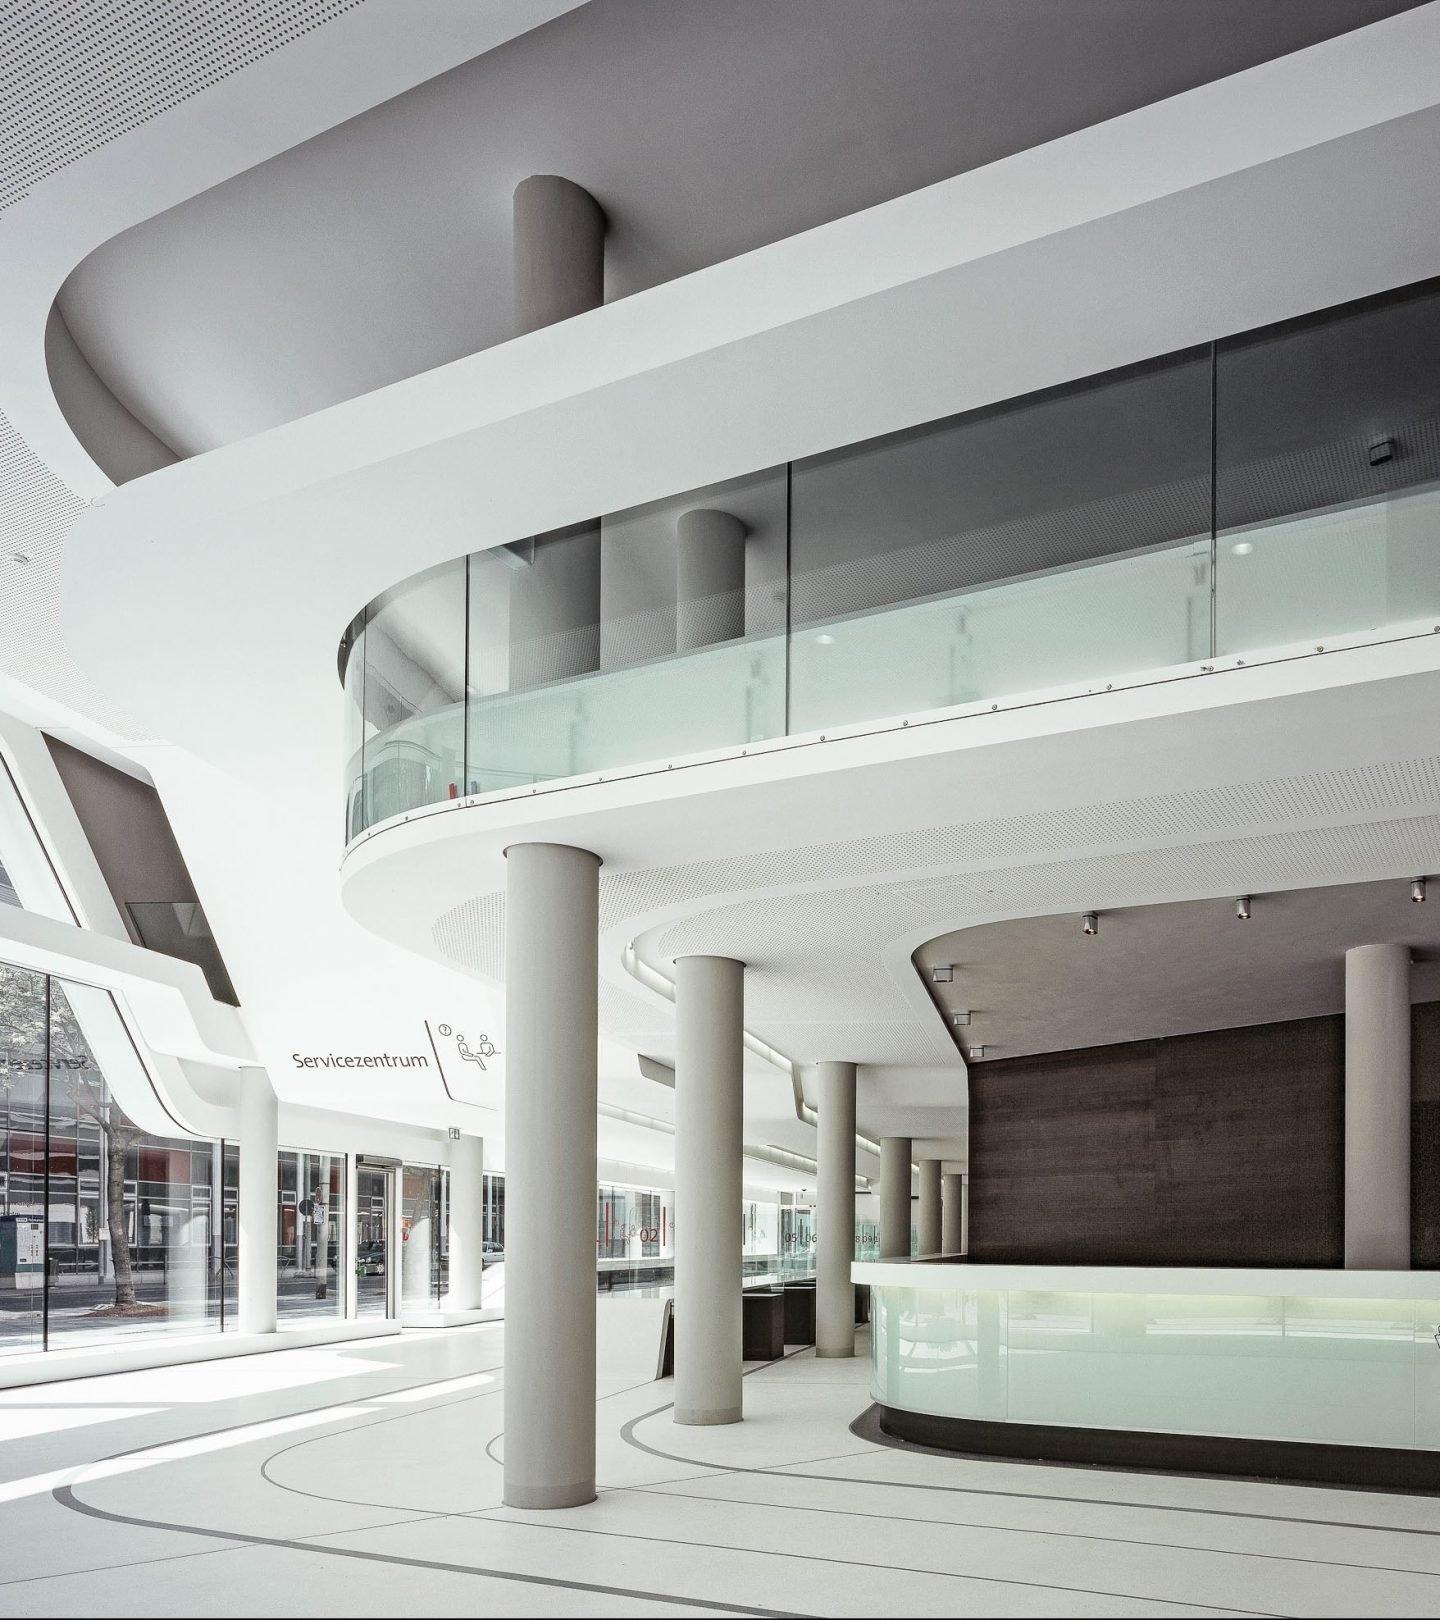 Ordnungsamt Frankfurt am Main - Eingangsbereich Servicezentrum